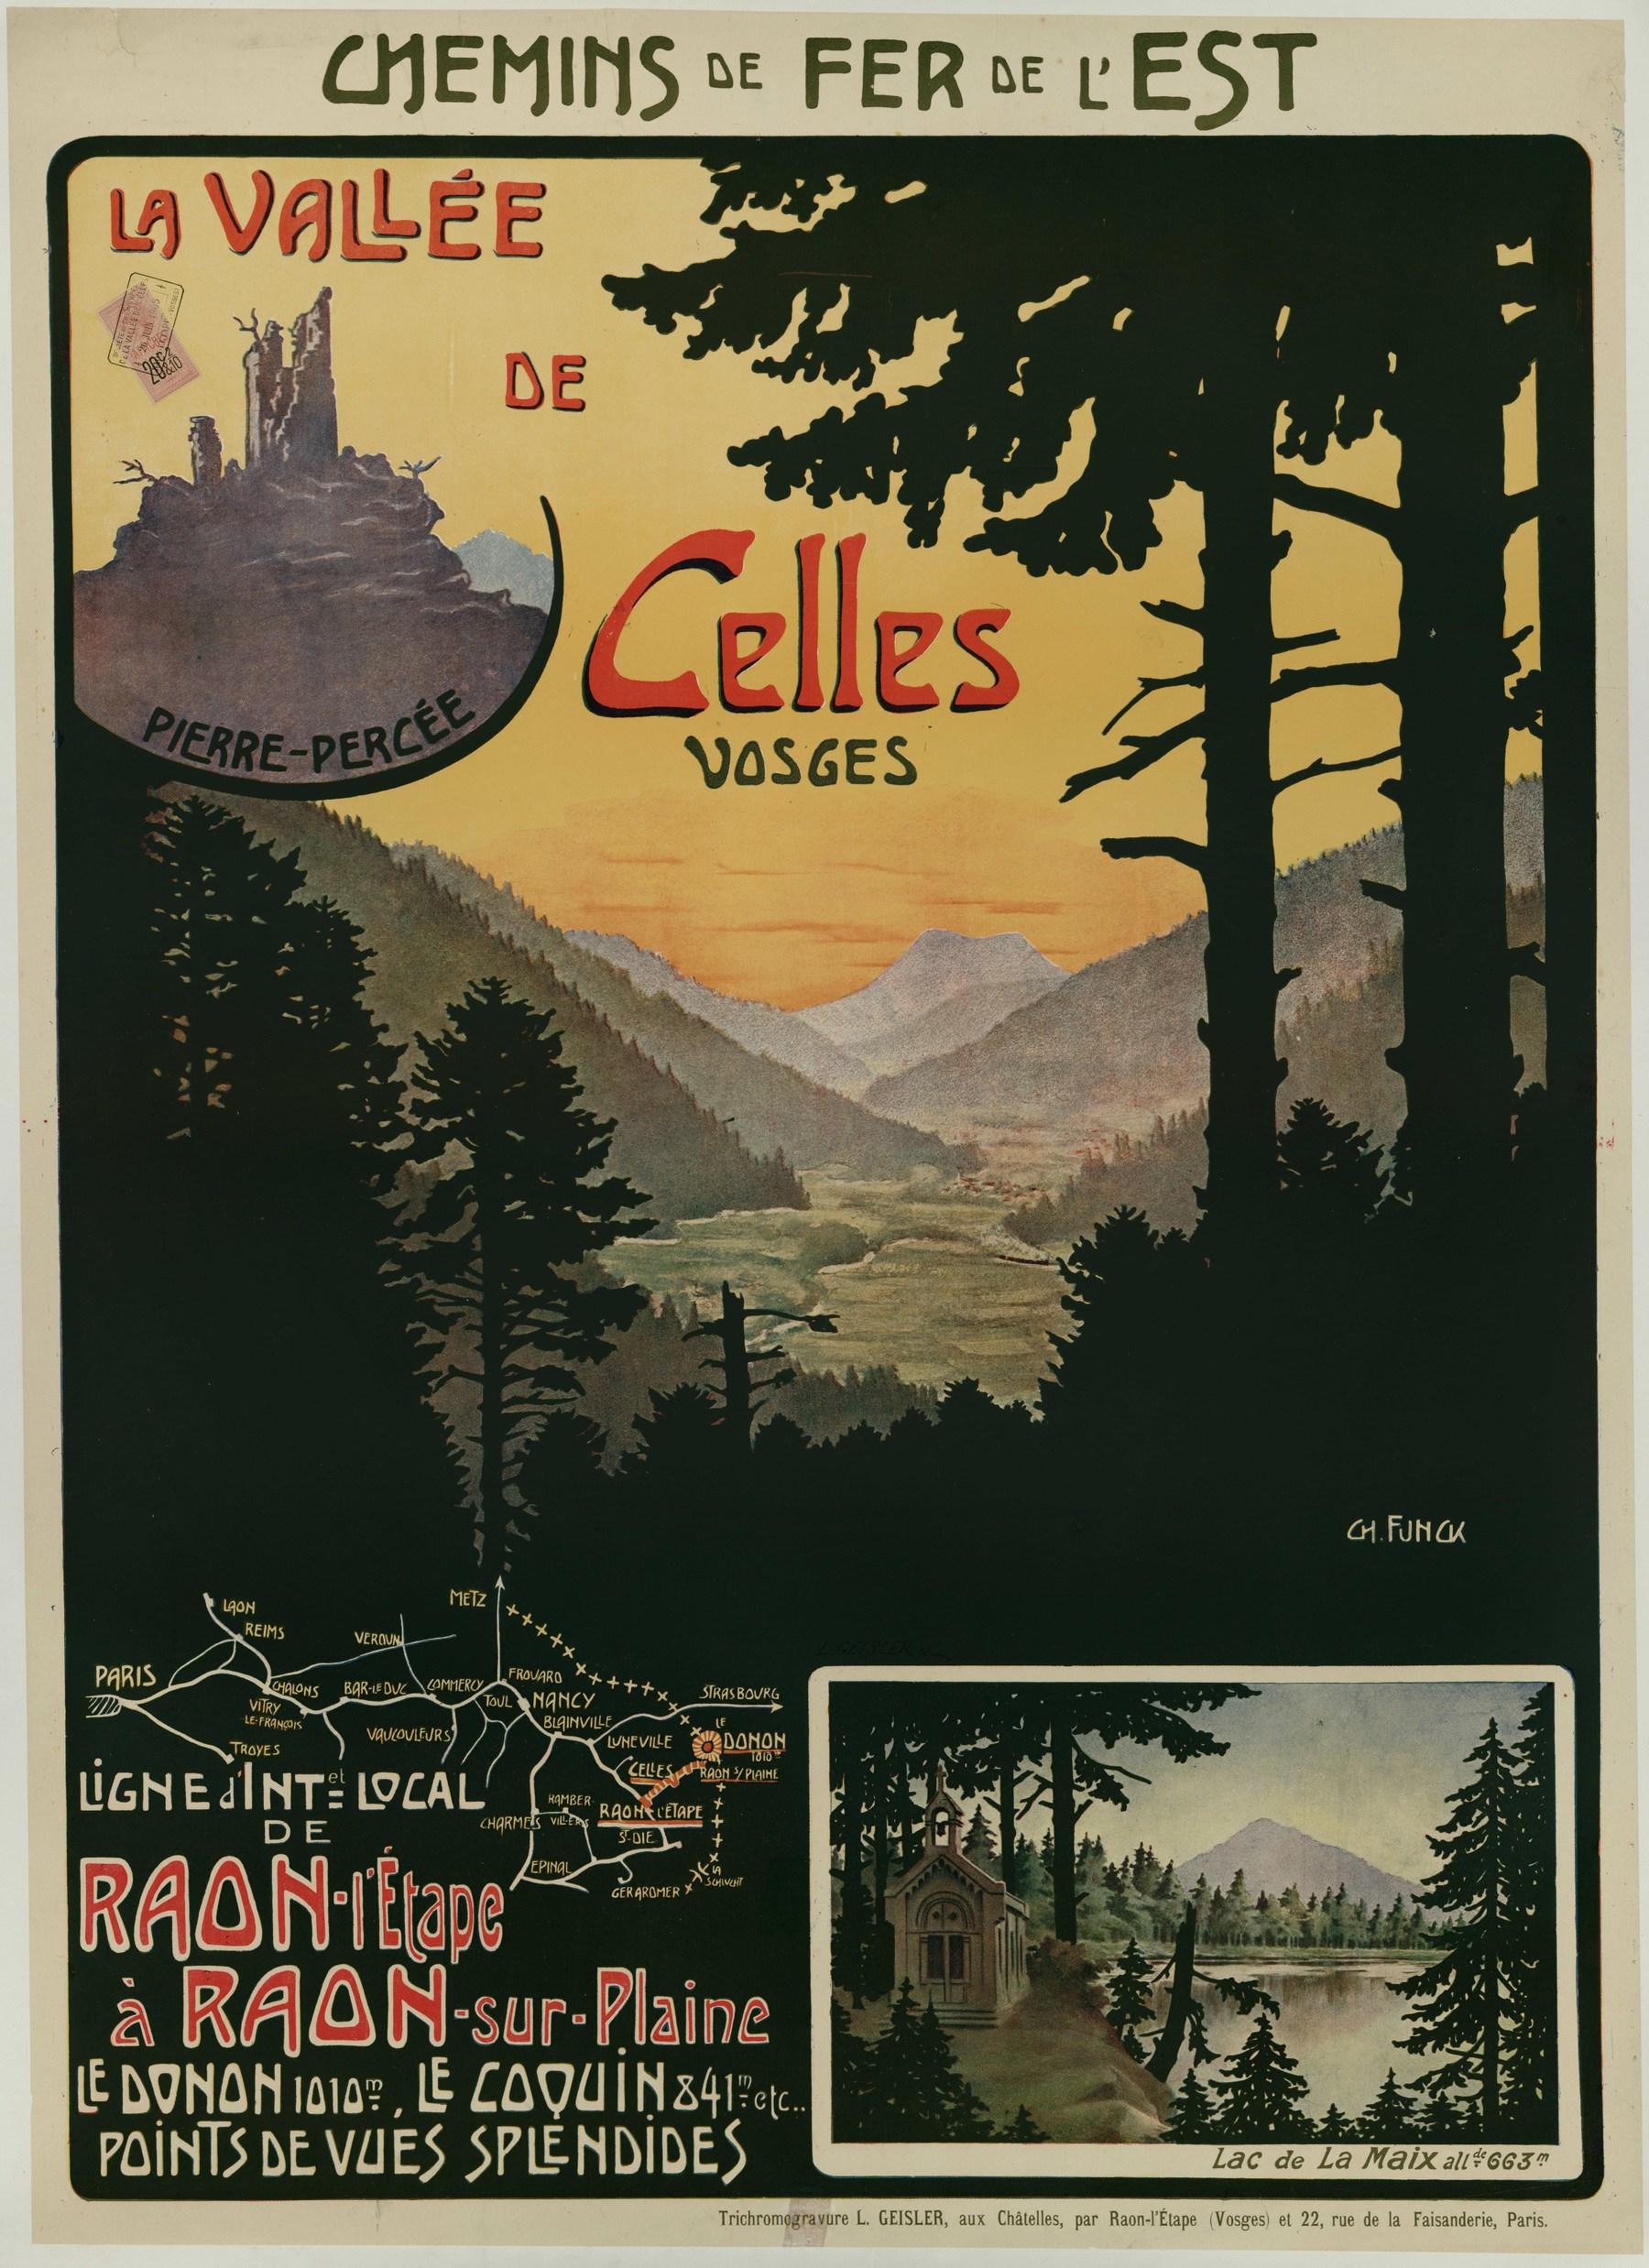 Contenu du Chemins de Fer de l'Est : La vallée de Celles Vosges. Ligne d'intérêt local de Raon l'Etape à Raon-sur-Plaine